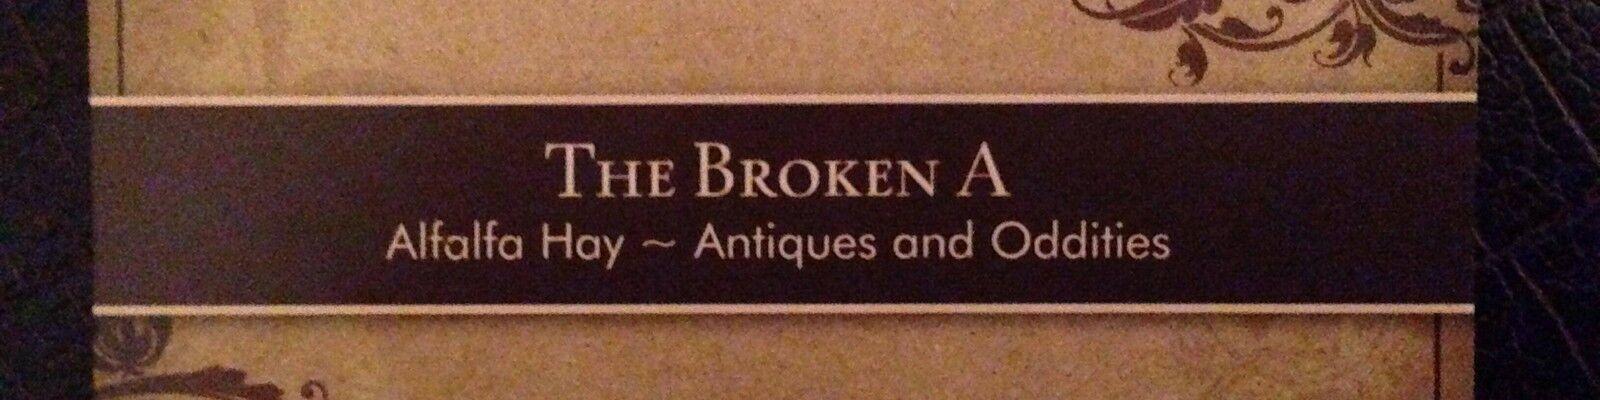 Broken A Oddities